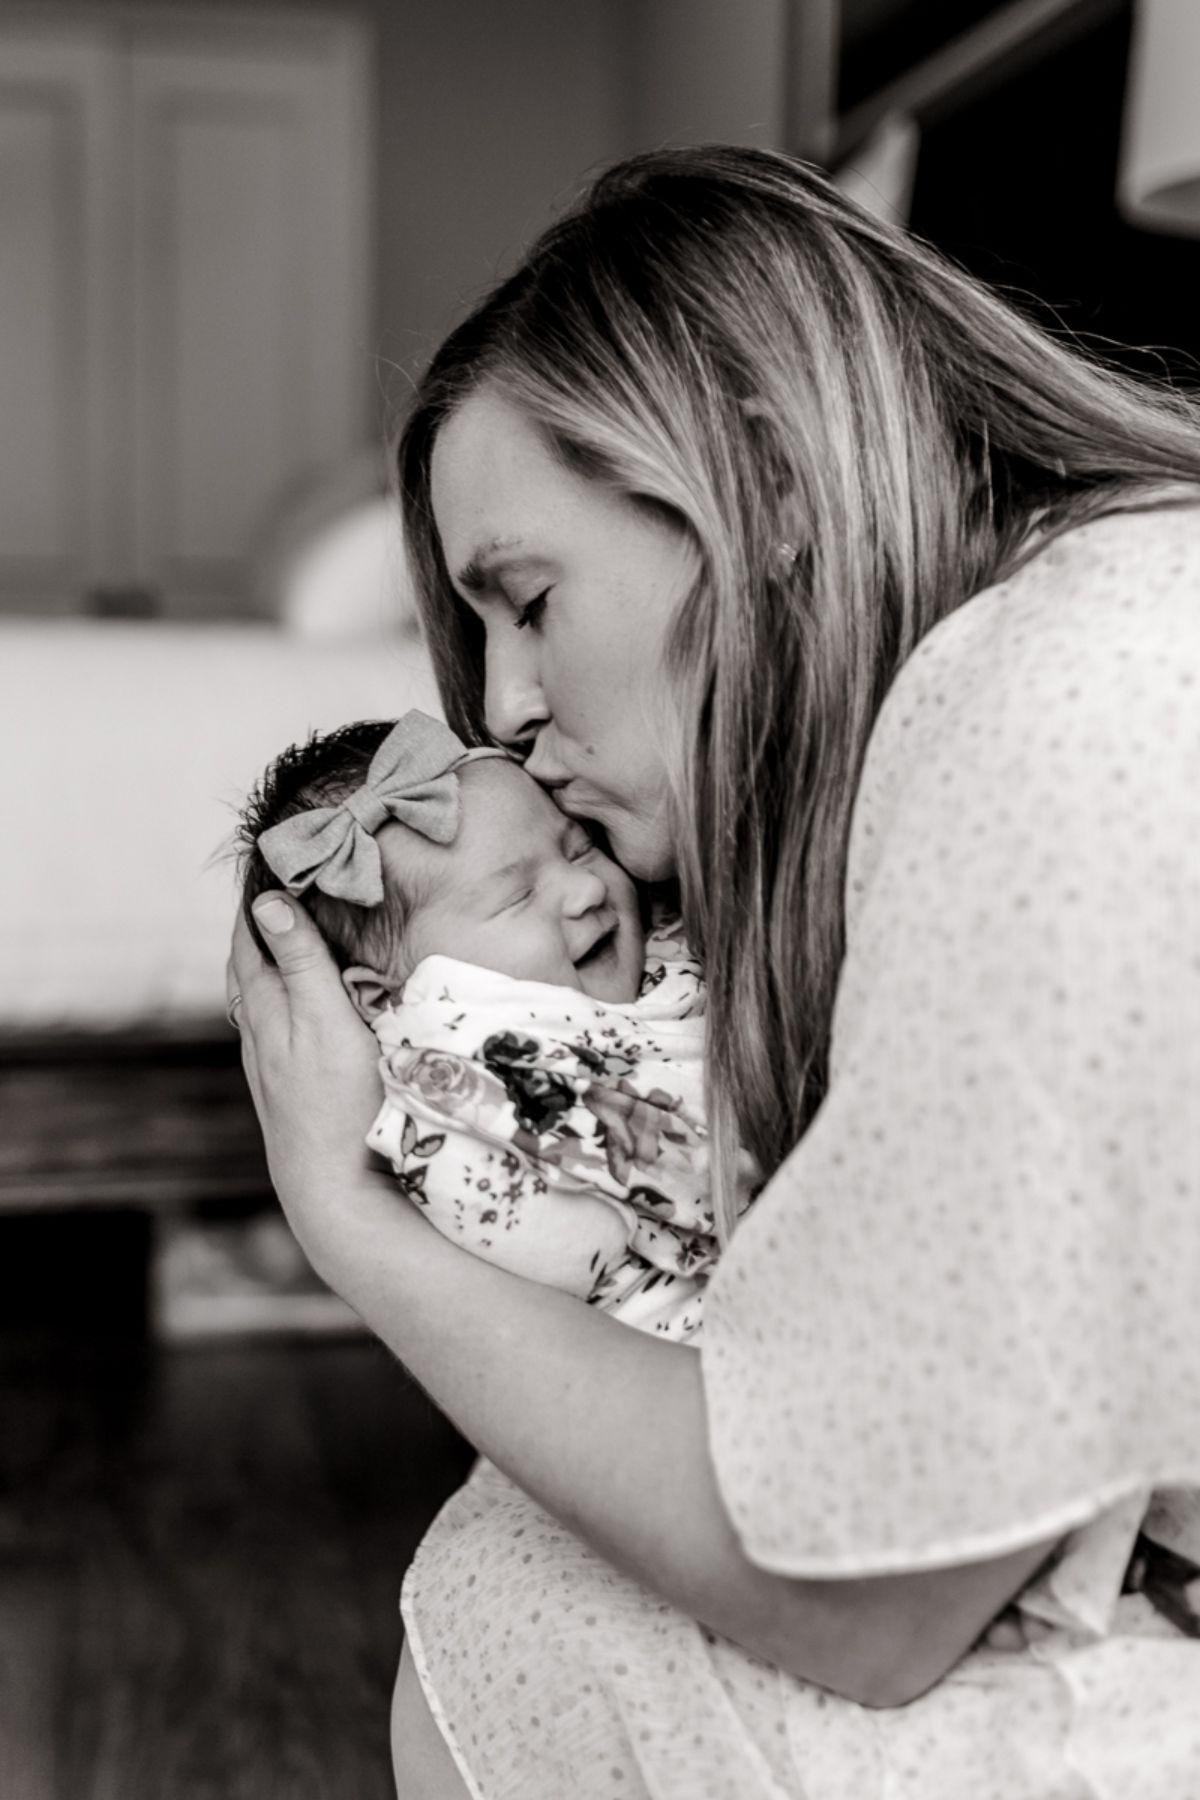 ennis-newborn-photographer-kaitlyn-bullard-charlotte-lifestyle-newborn-10.jpg